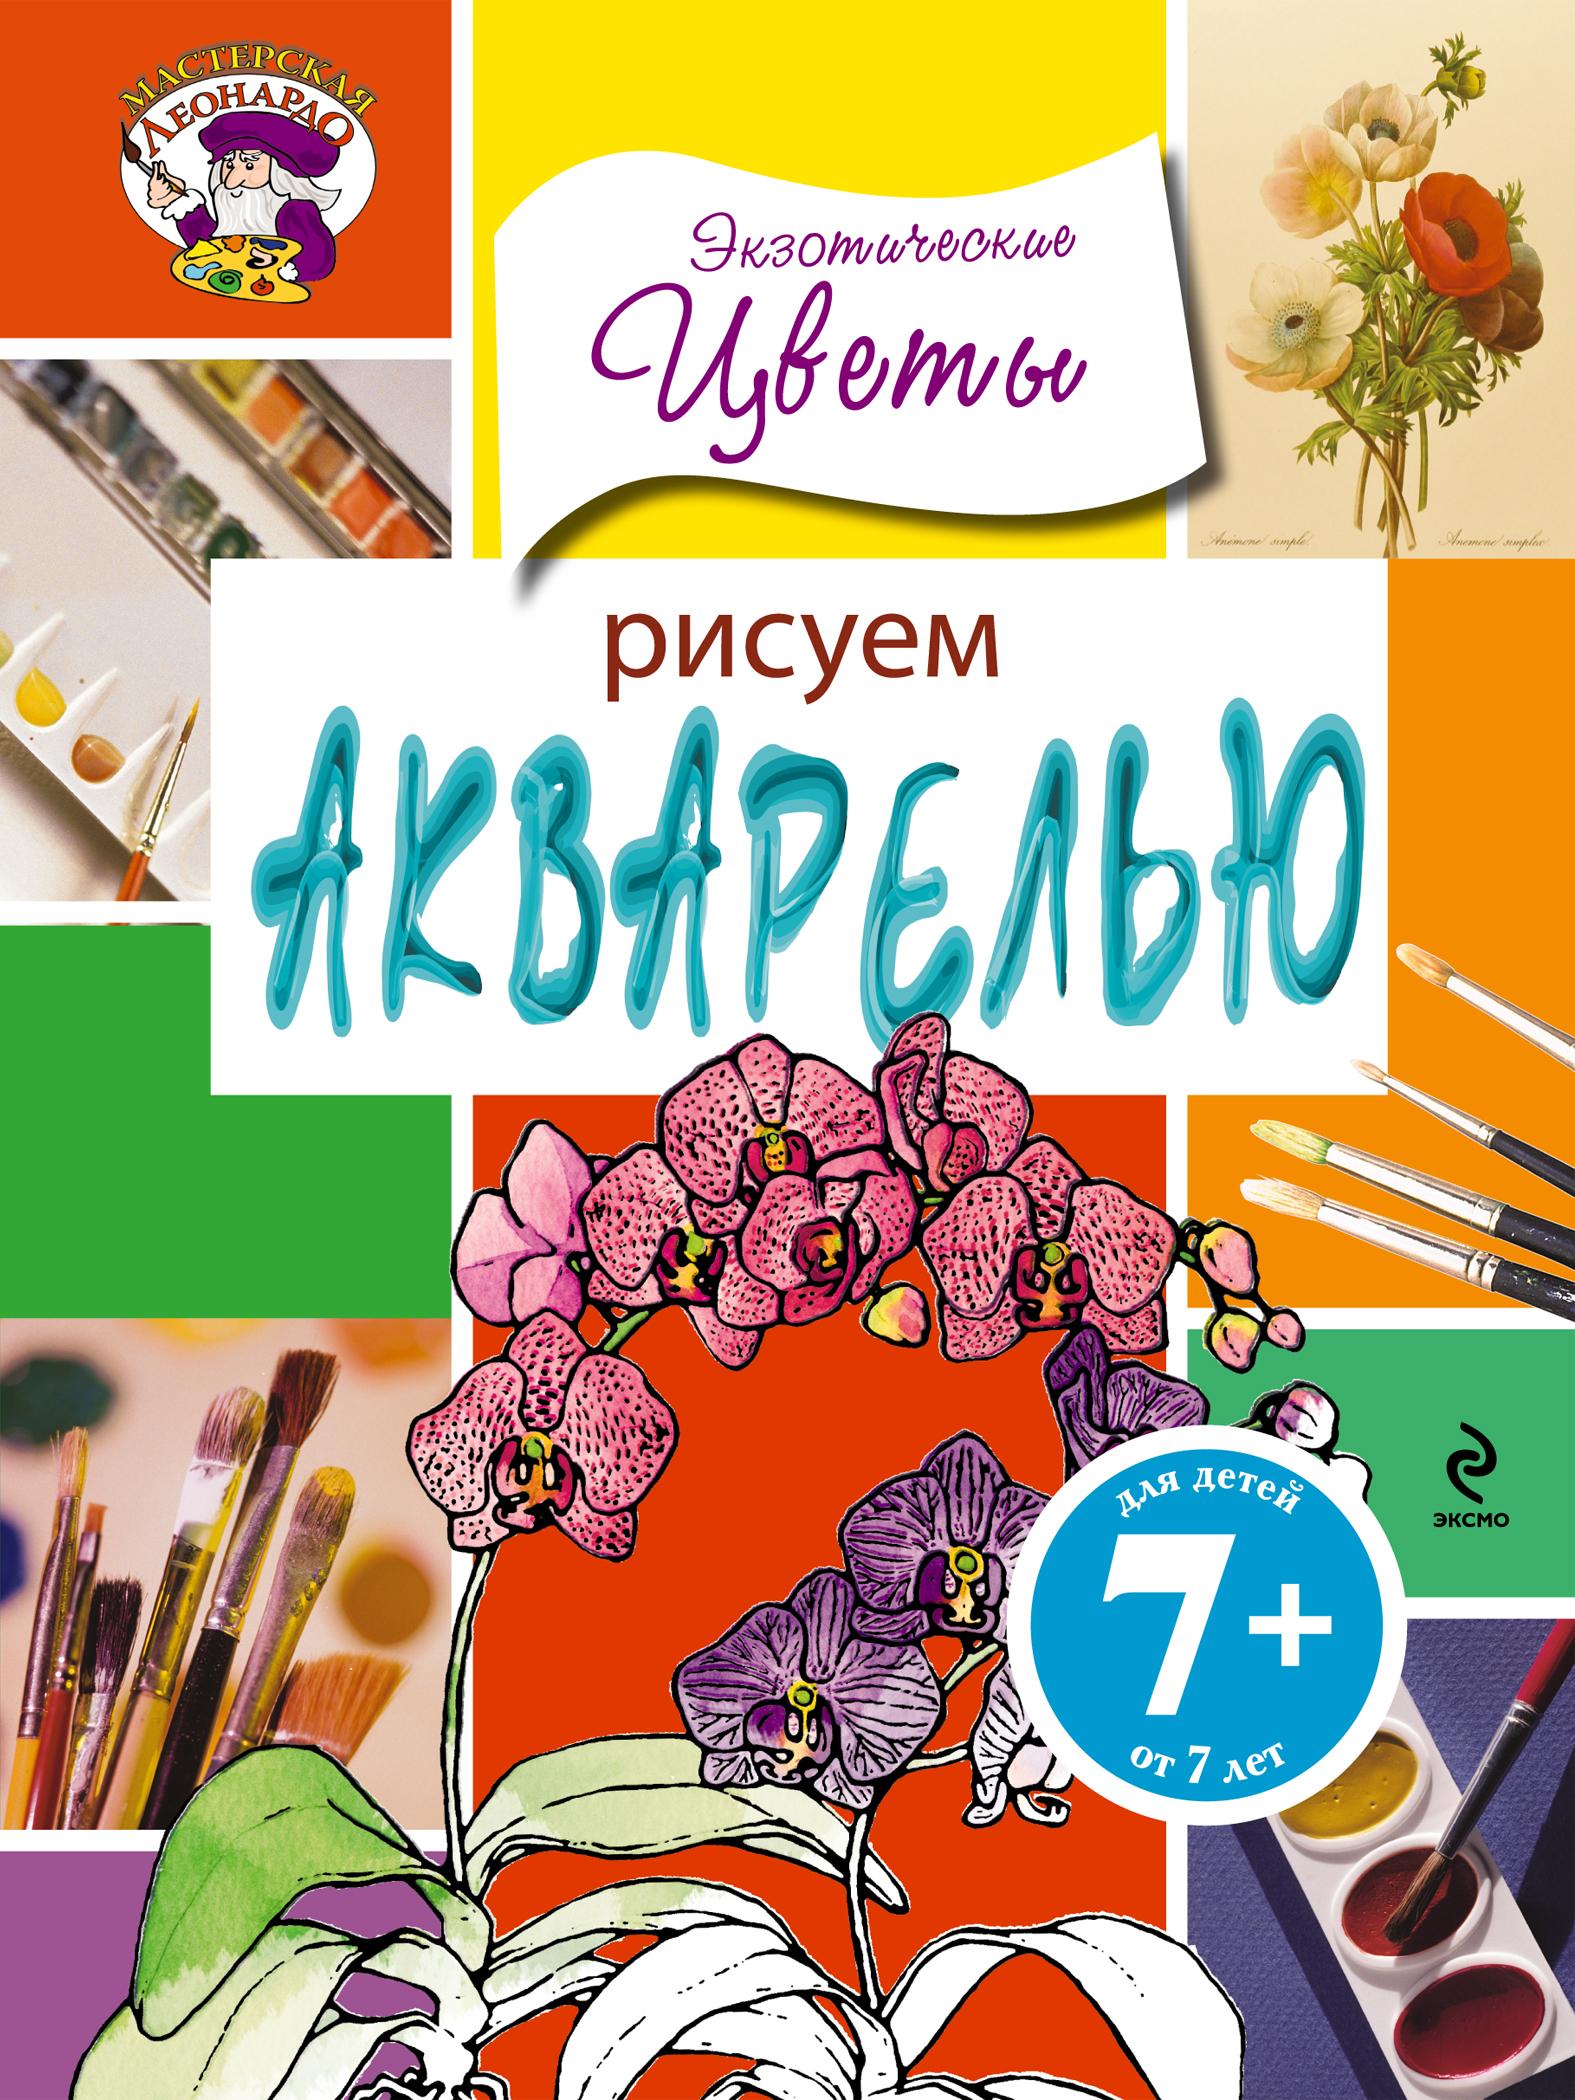 7+ Рисуем акварелью. Экзотические цветы саломатина е ред рисуем акварелью экзотические цветы для детей от 7 лет